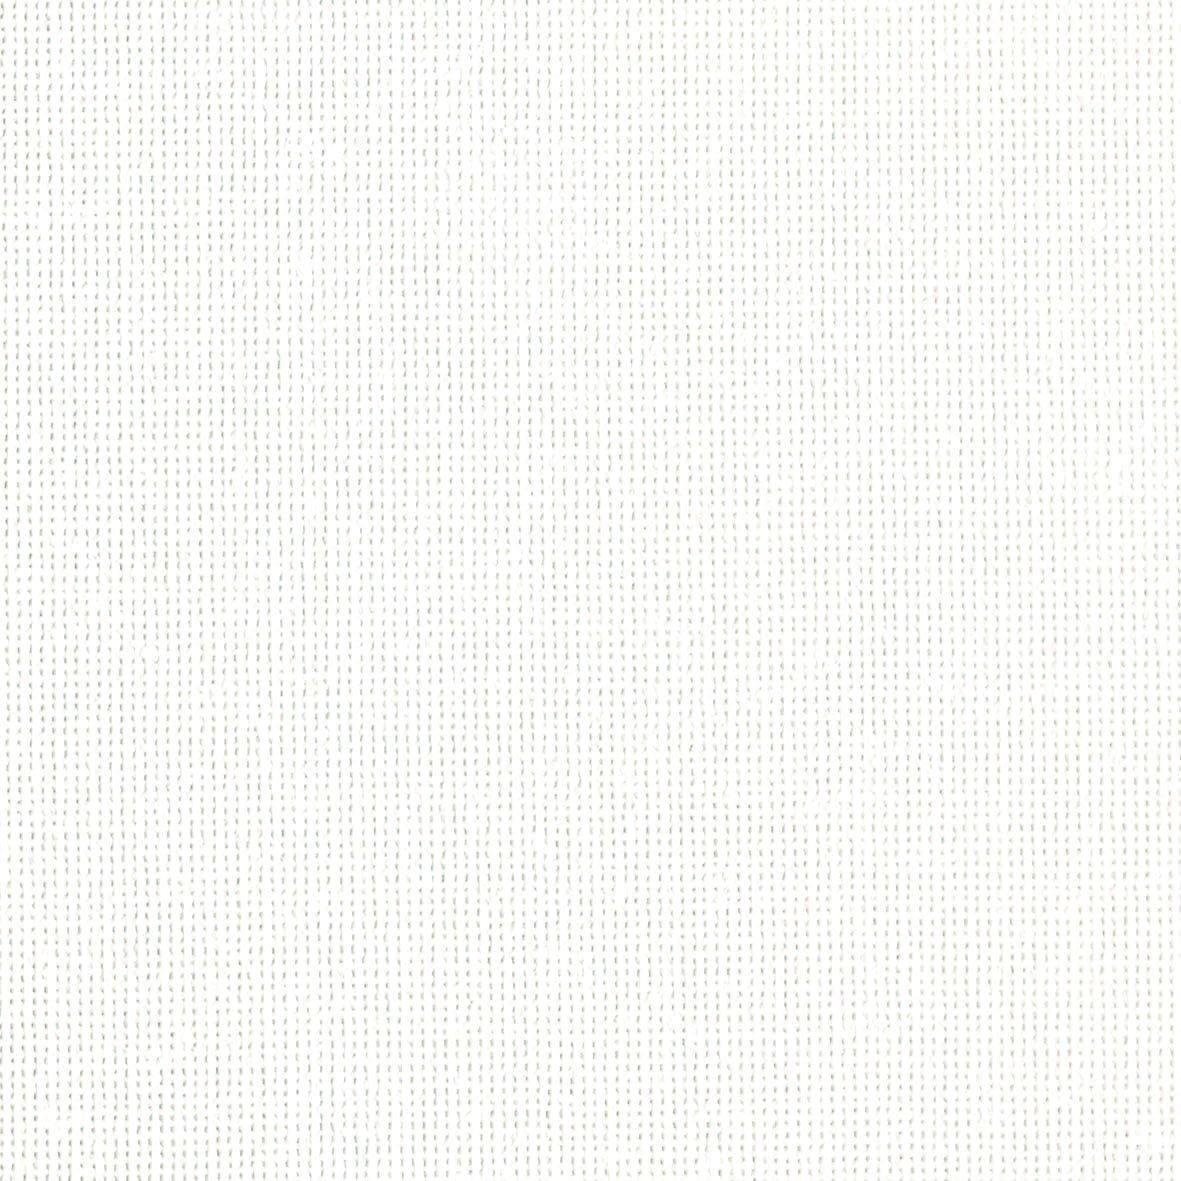 リリカラ 壁紙33m シンフル 織物調 ホワイト 撥水トップコートComfort Selection-Basic & Color- LW-2255 B076126LZZ 33m|ホワイト